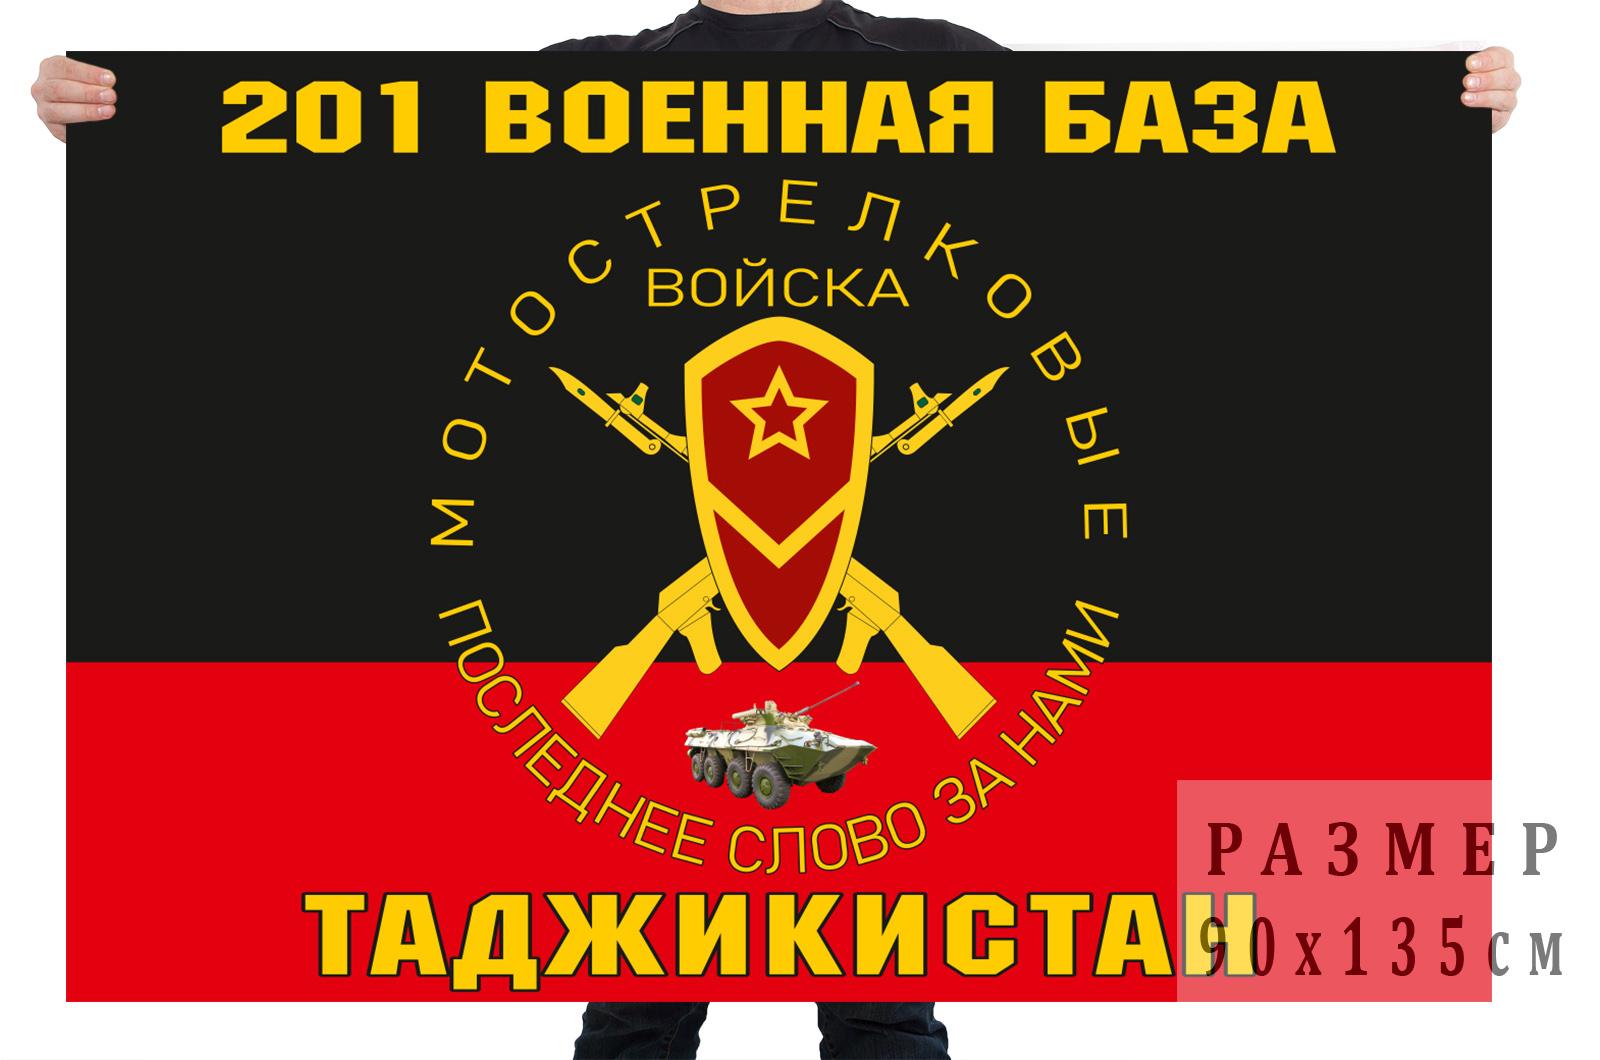 Флаг Мотострелковых войск 201 военная база, Таджикистан